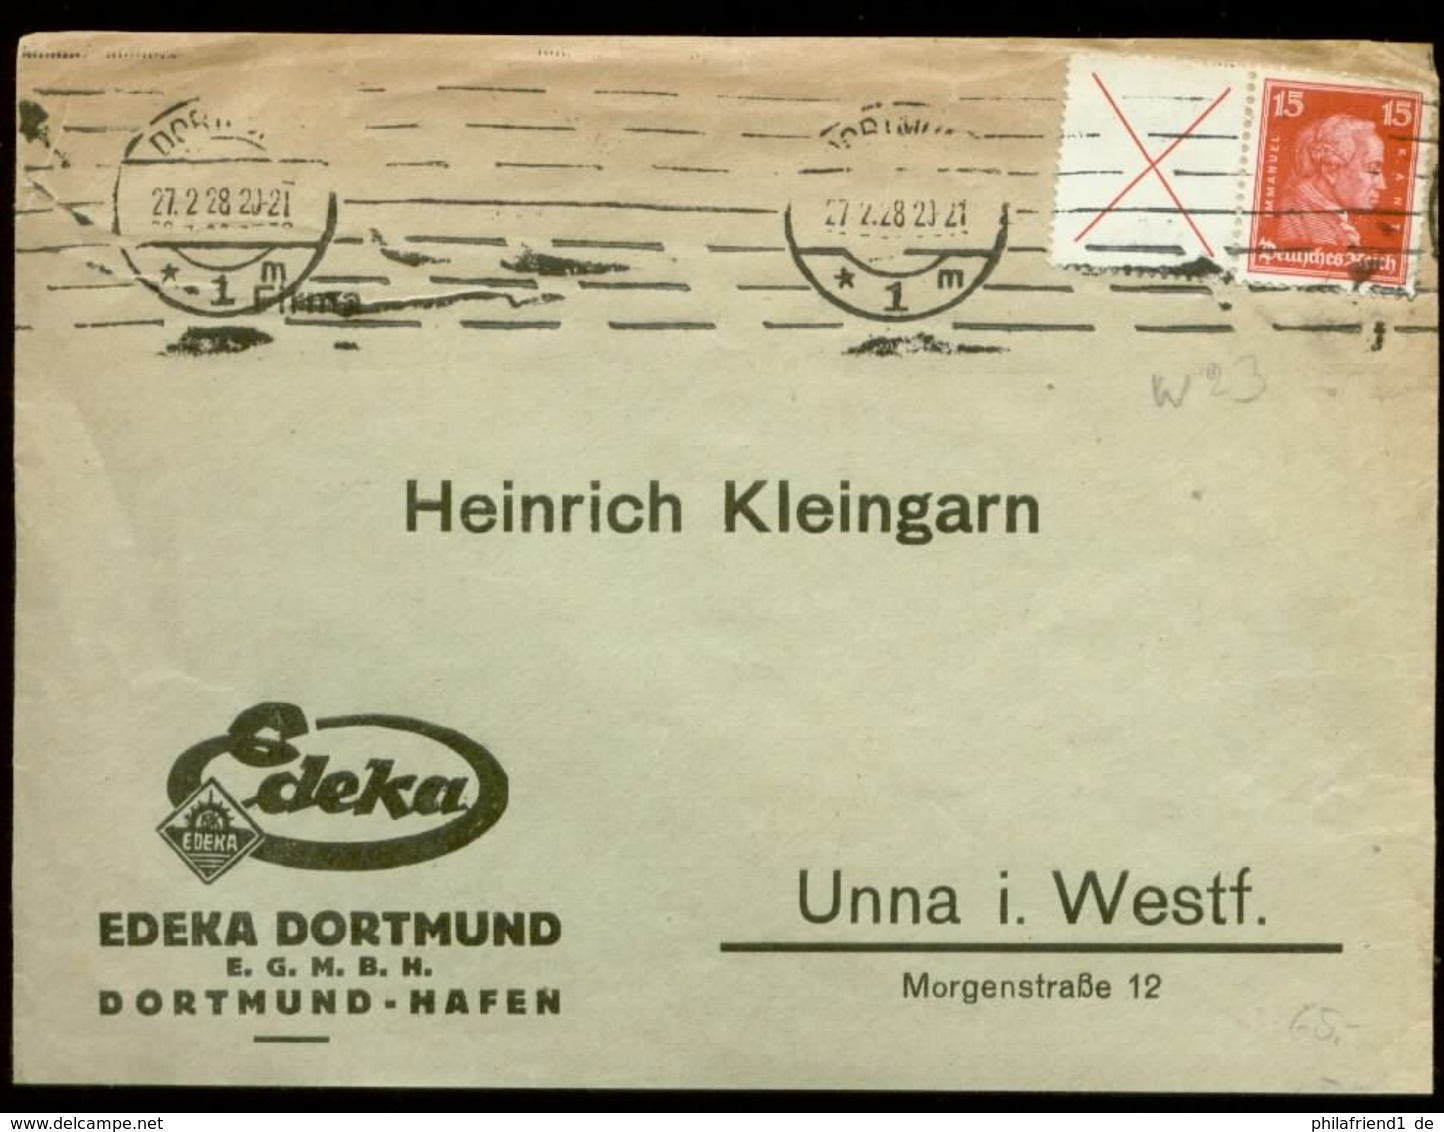 S8210 - DR Zdr. W23 Auf Firmen Briefumschlag Edeka 130 EM: Gebraucht Dortmund - Unna 1928, Bedarfserhaltung. - Germany